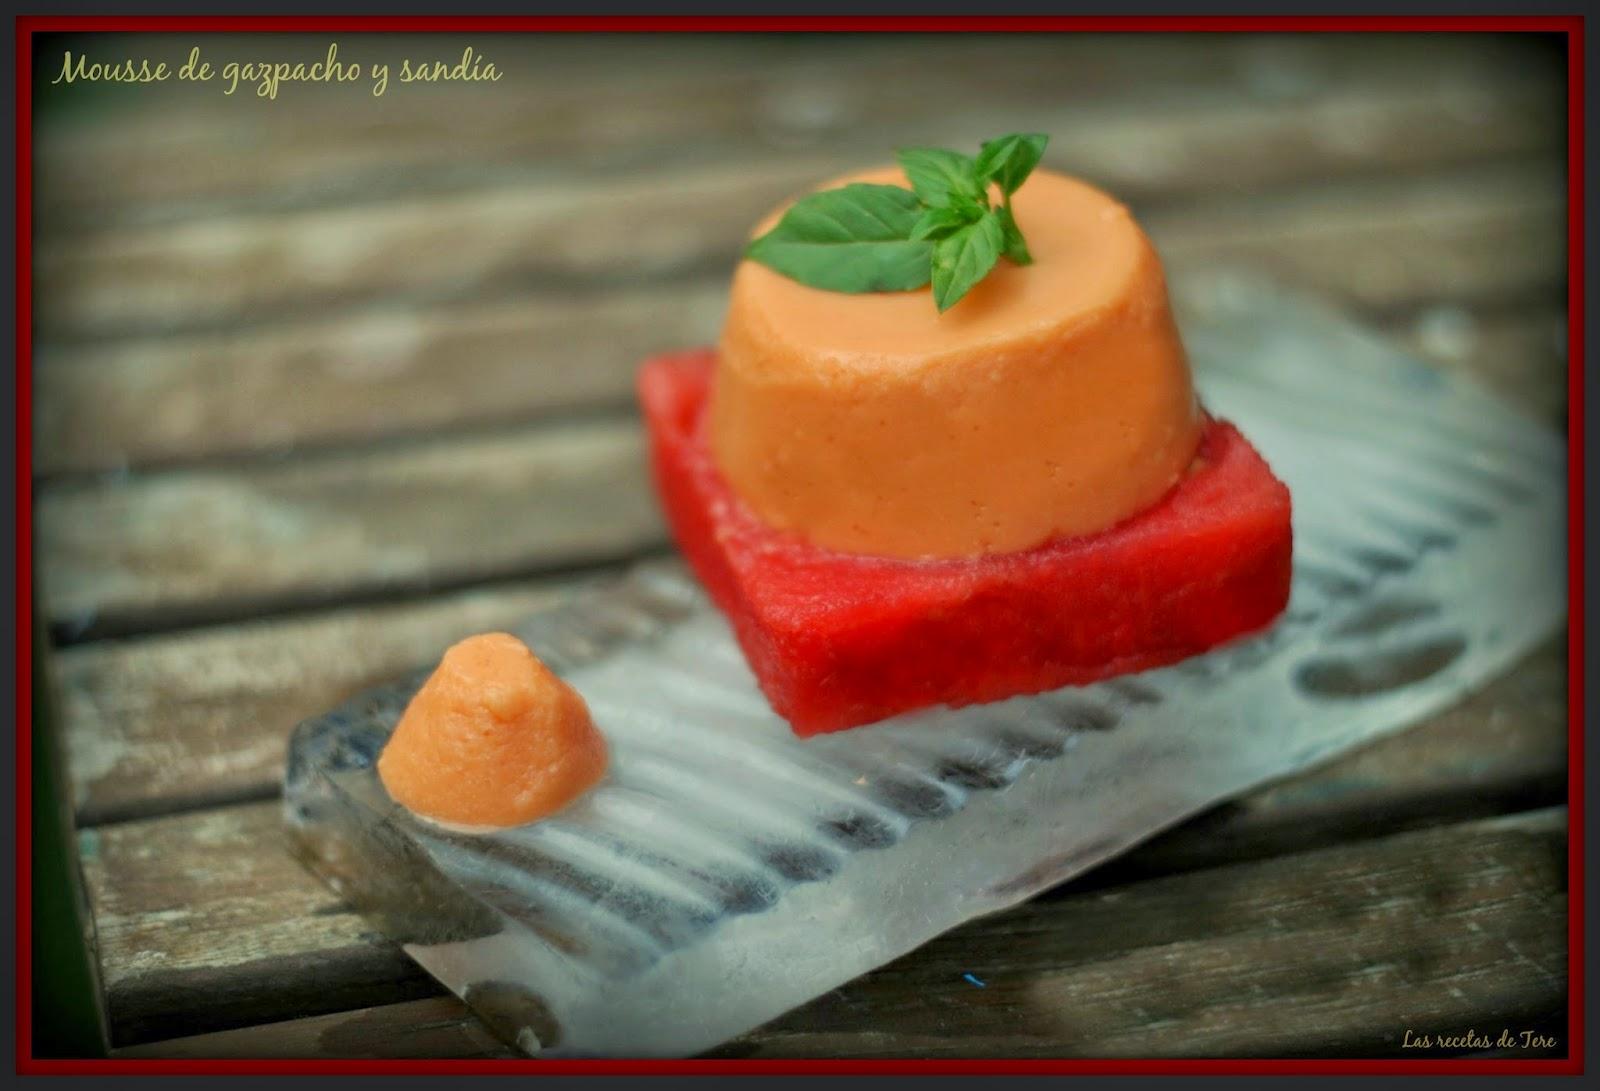 mousse de gazpacho y sandía 06